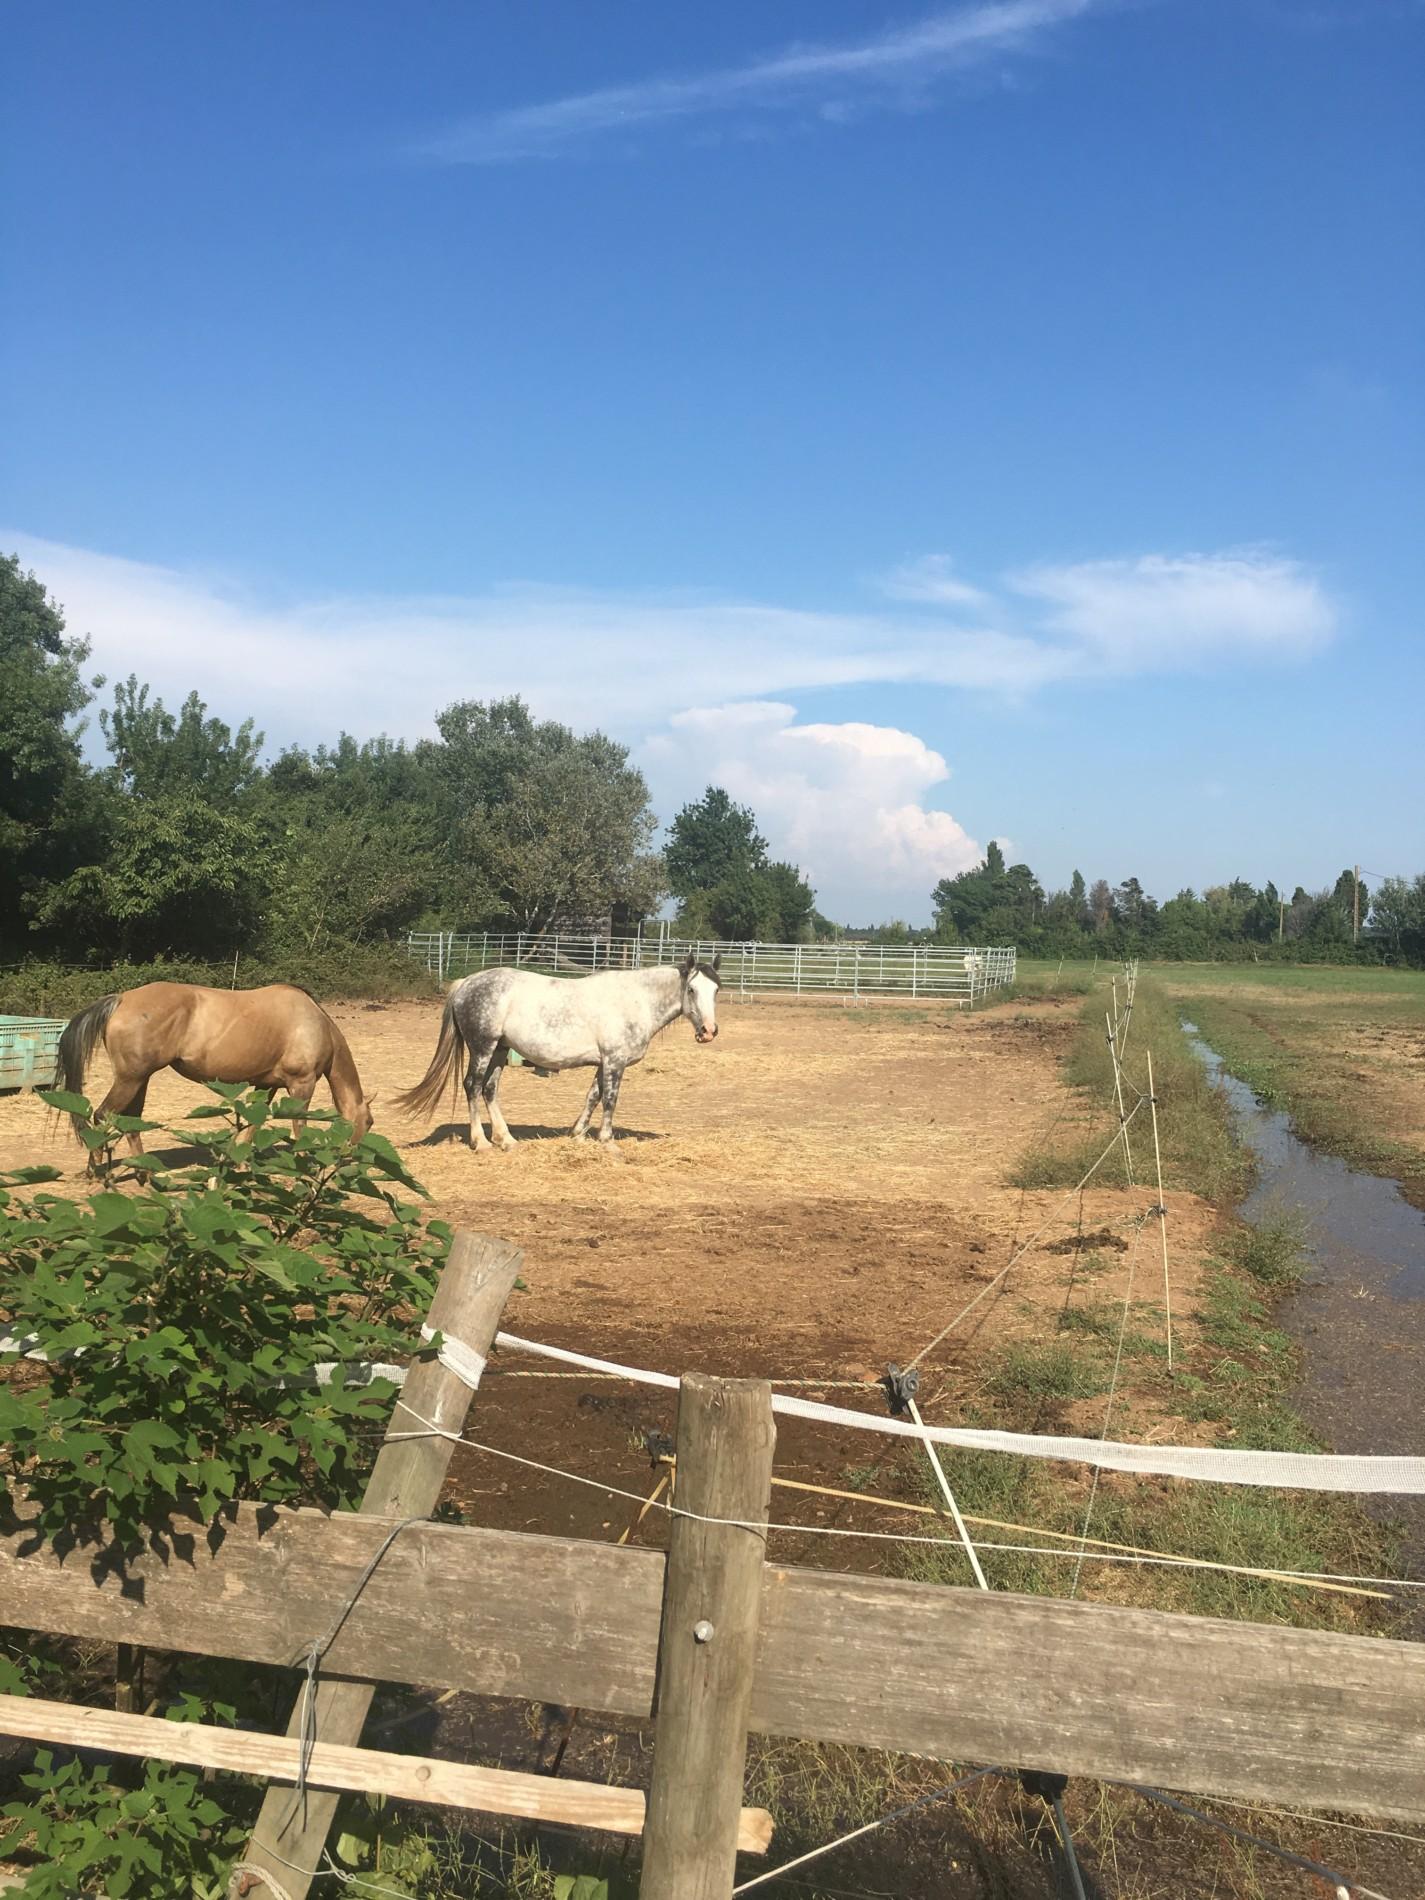 Mas Provencal A Vendre En Camargue mas provençal à vendre arles - mas avec box à chevaux a arles